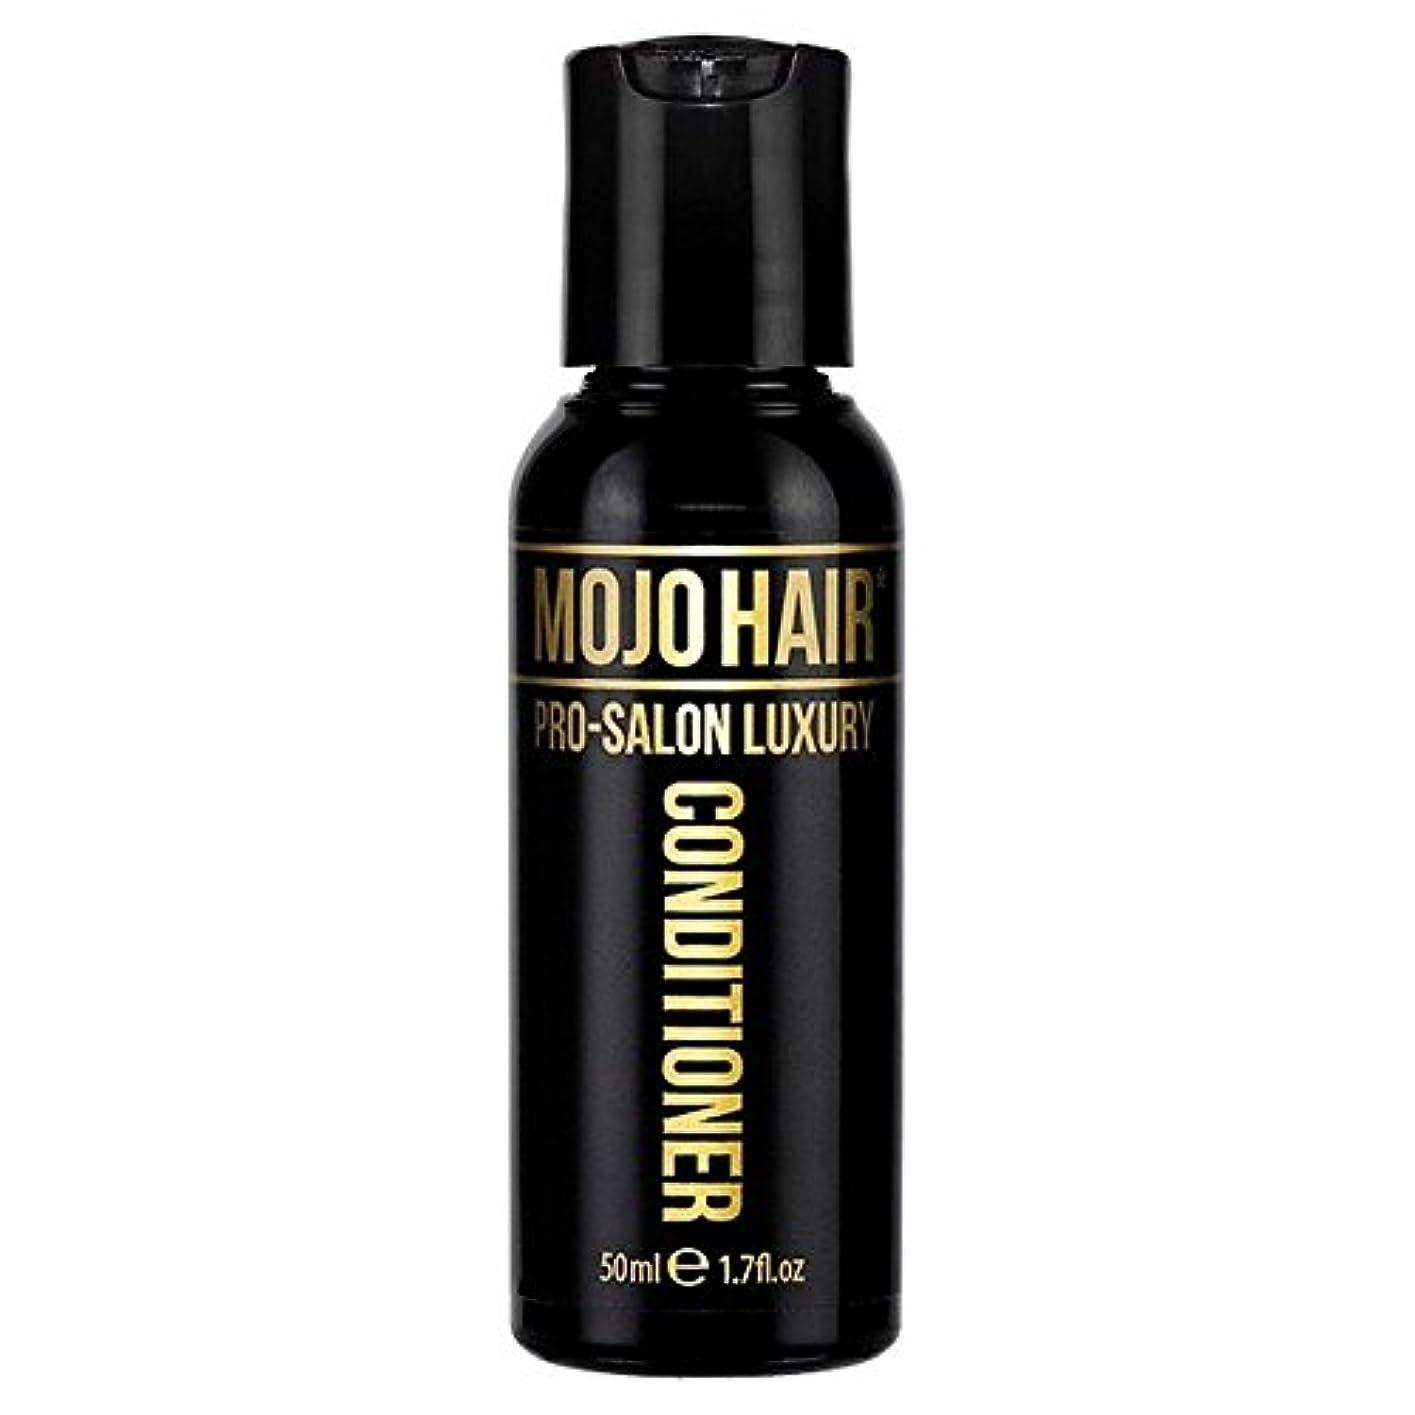 減少キャベツ雨男性のためのモジョの毛プロのサロンの贅沢な香りコンディショナー、トラベルサイズの50ミリリットル x2 - MOJO HAIR Pro-Salon Luxury Fragrance Conditioner for Men...